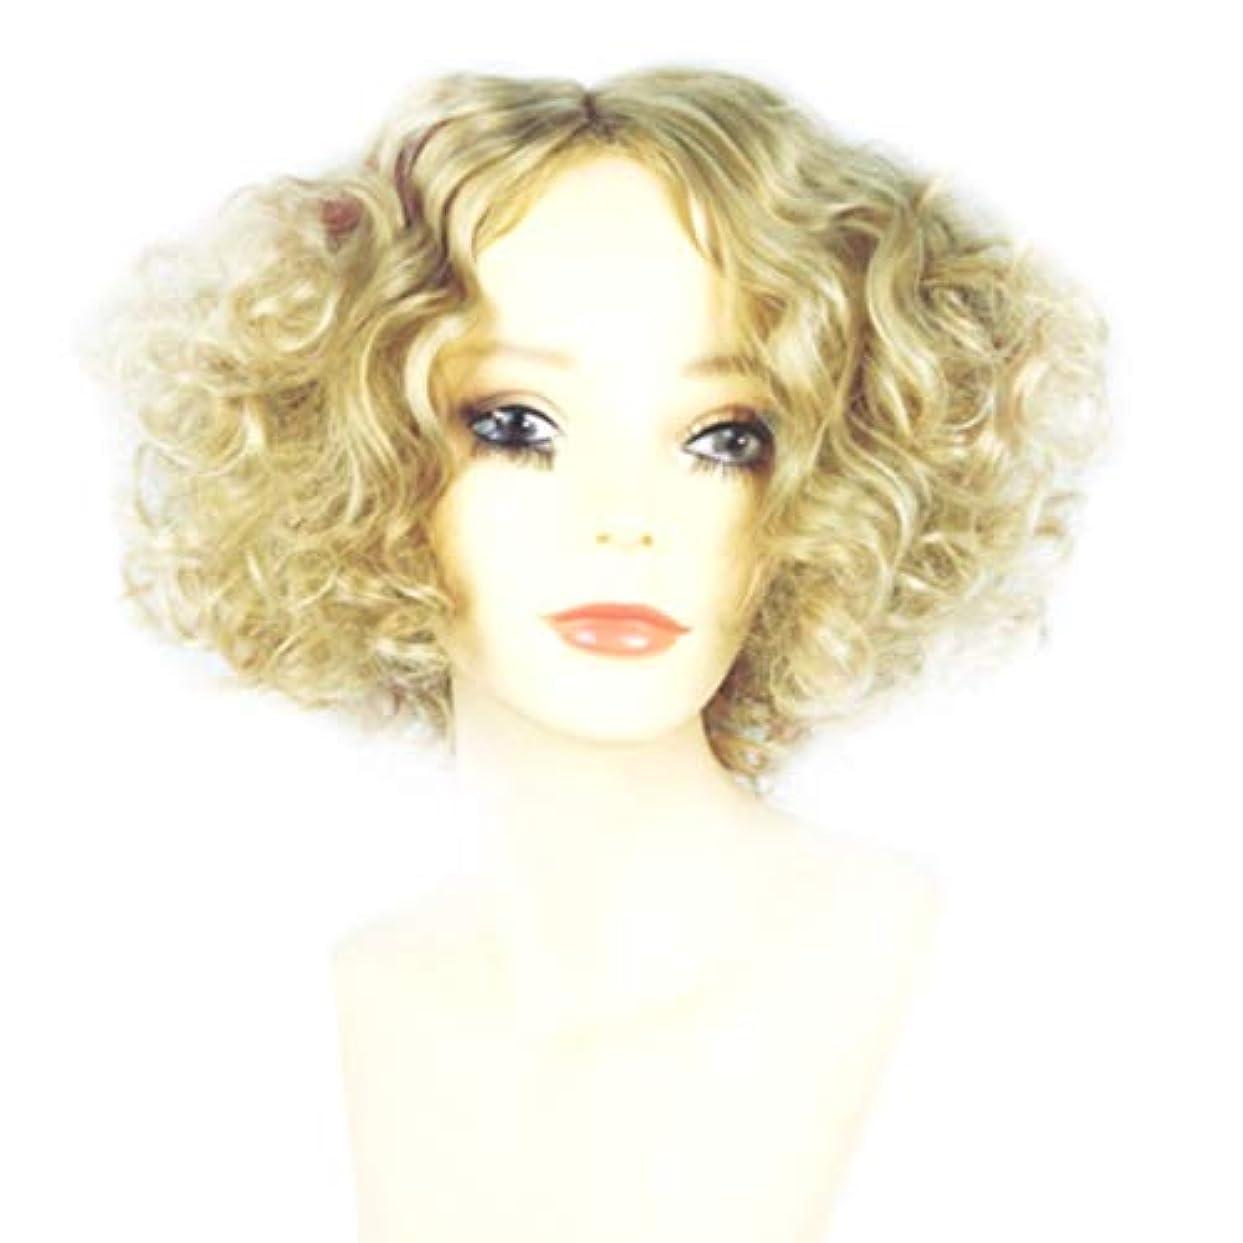 ひらめき旧正月早熟Summerys 女性のための短い巻き毛のかつらブロンドのボブの髪かつら自然に見える耐熱合成かつら